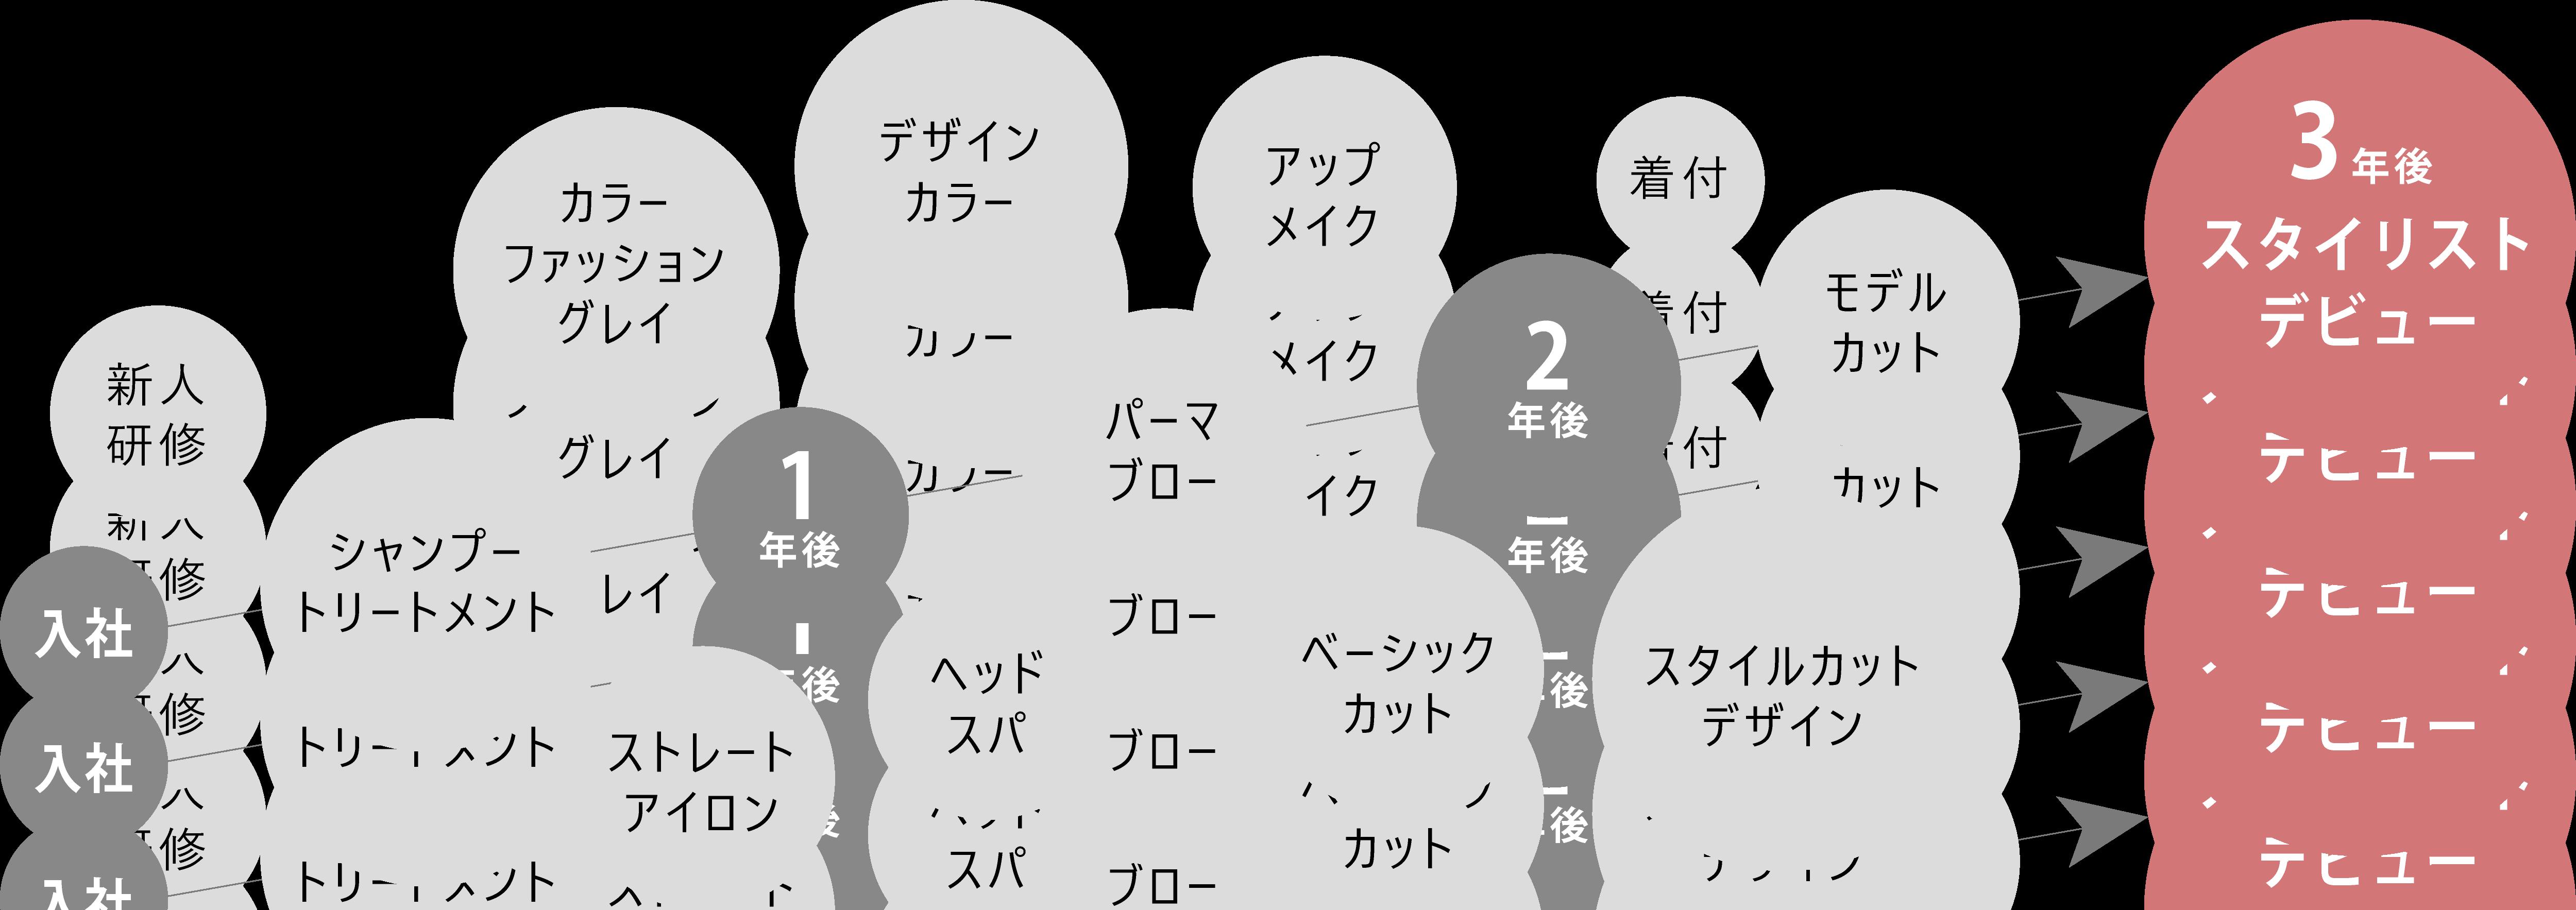 美容室エアラ*トレーニングチャート